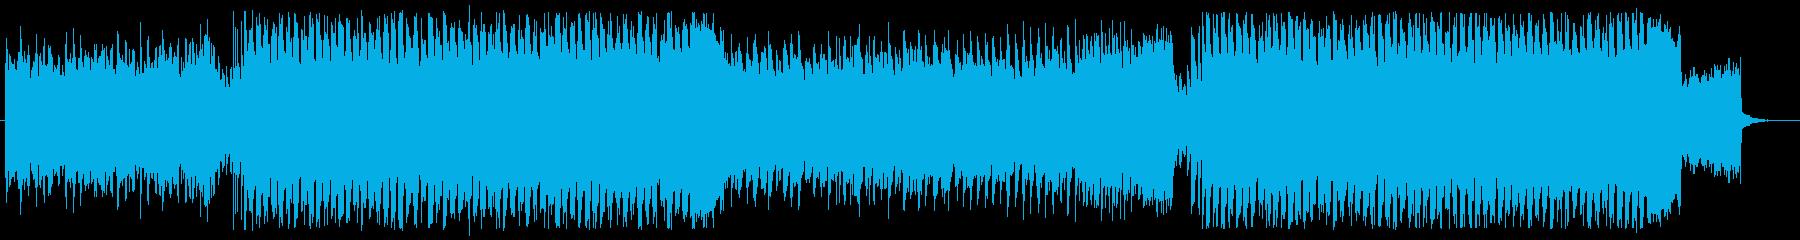 ジングルベル EDM クリスマス 雪 の再生済みの波形